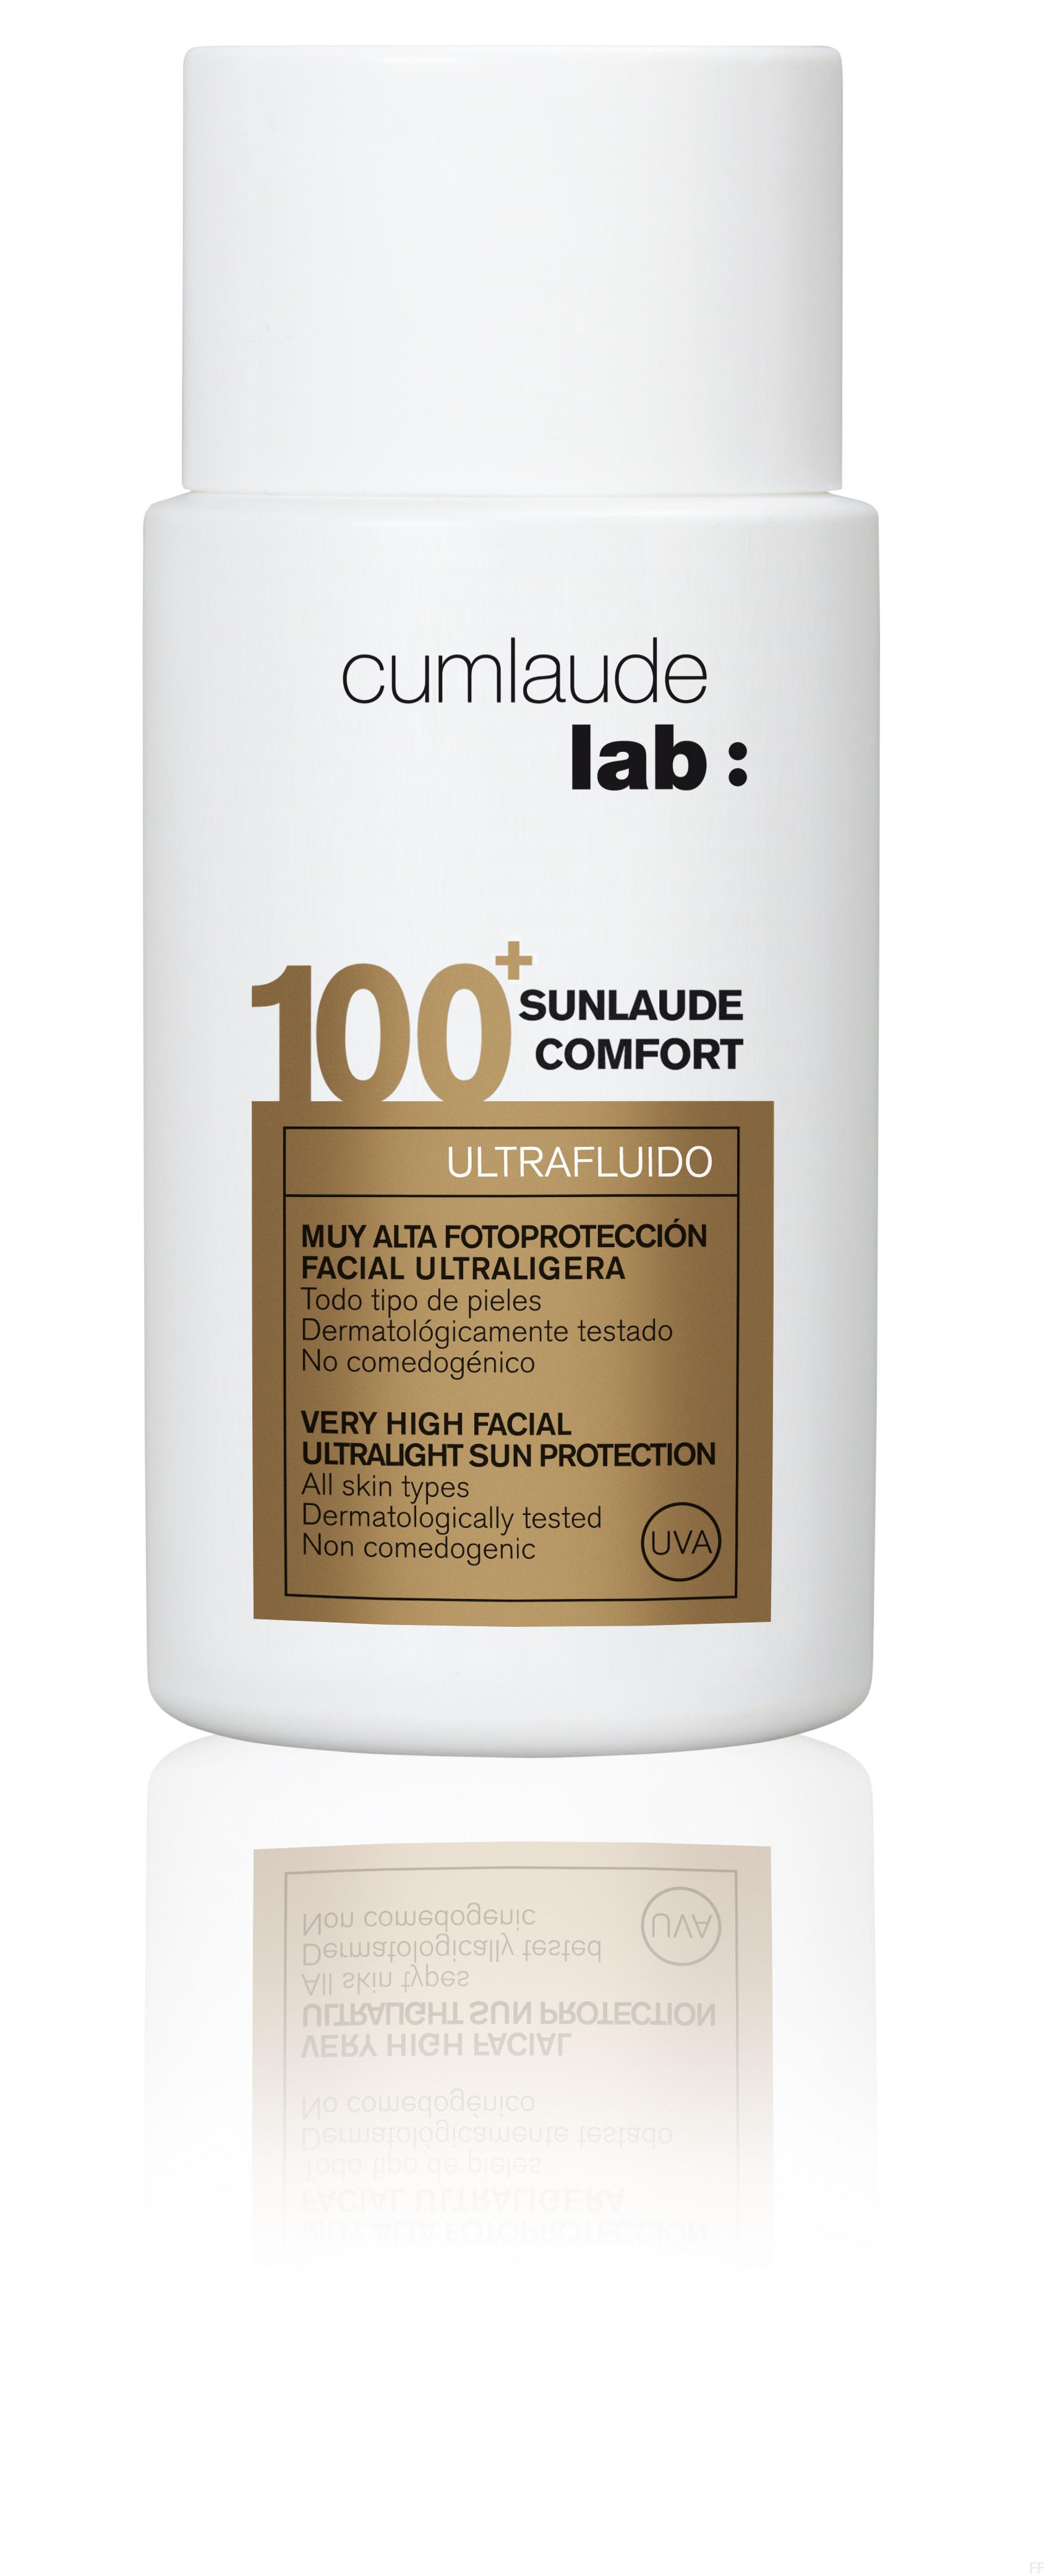 Cumlaude SUNLAUDE SPF 100+ CONFORT 50 ml